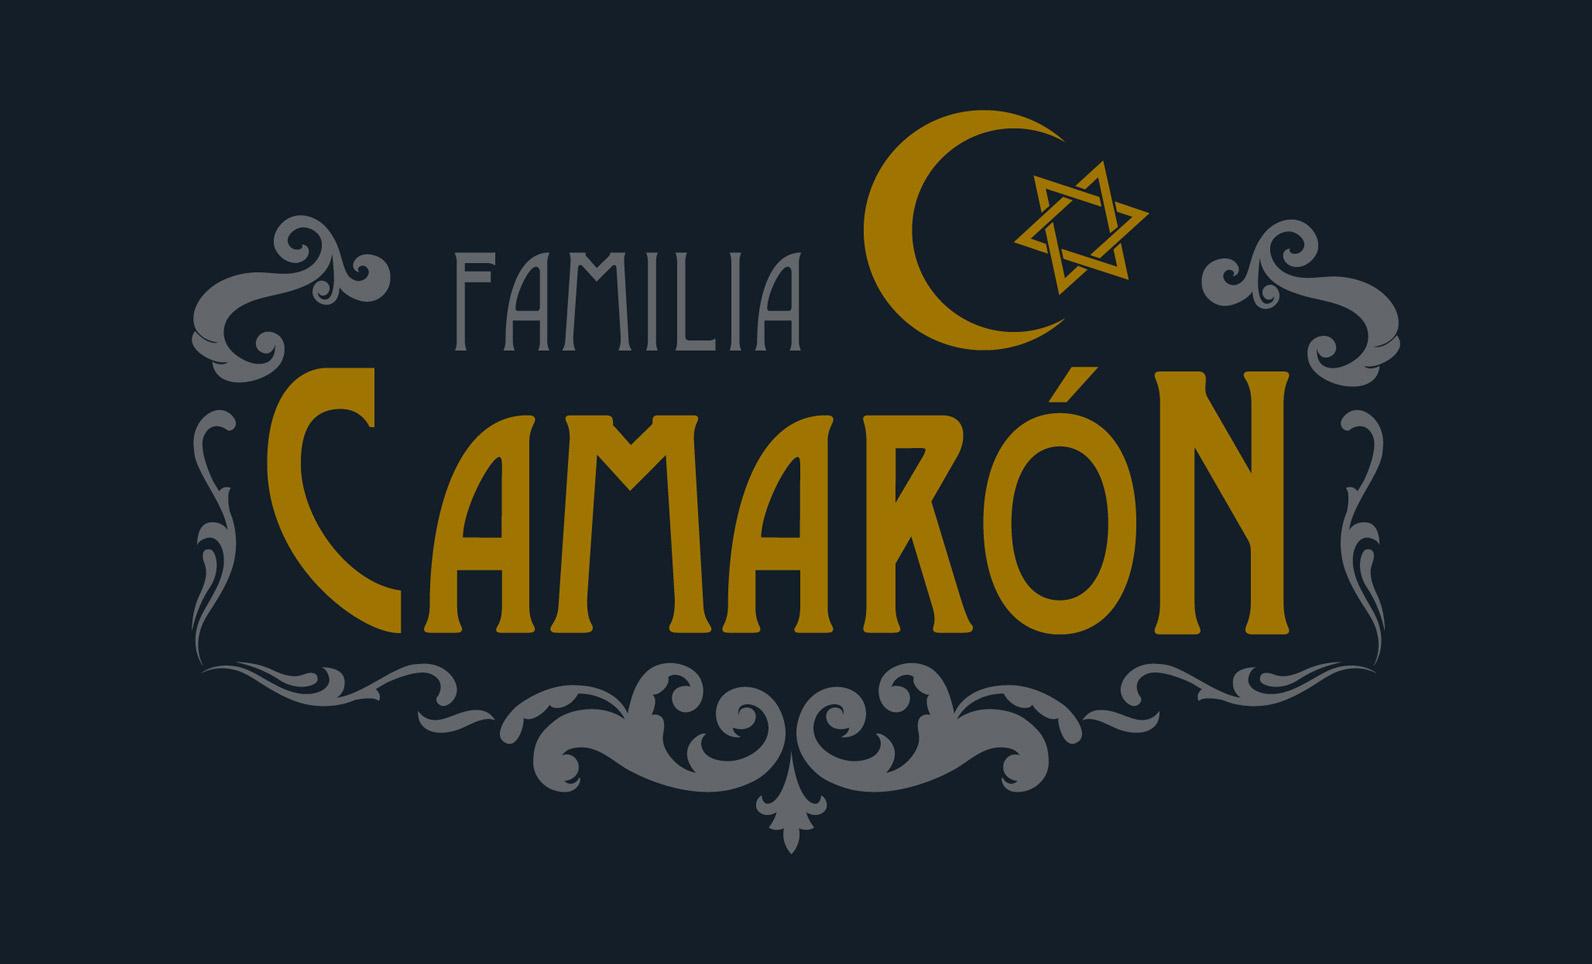 Familia Camarón